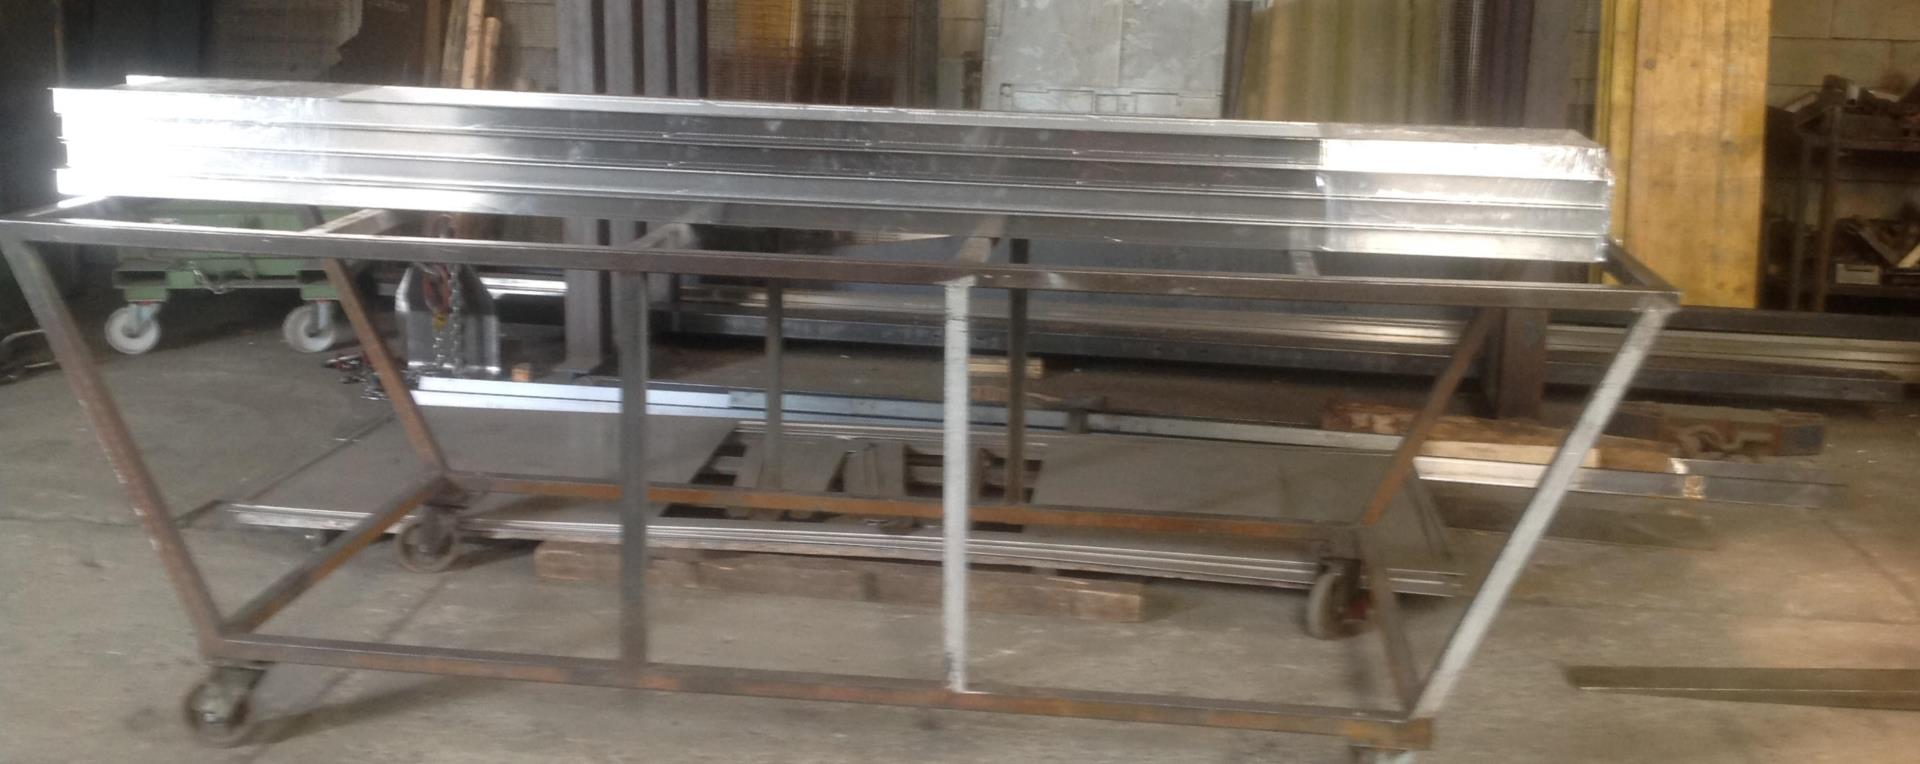 carpenterie metalliche Parma - Lavorazione lamiere Ferro Parma